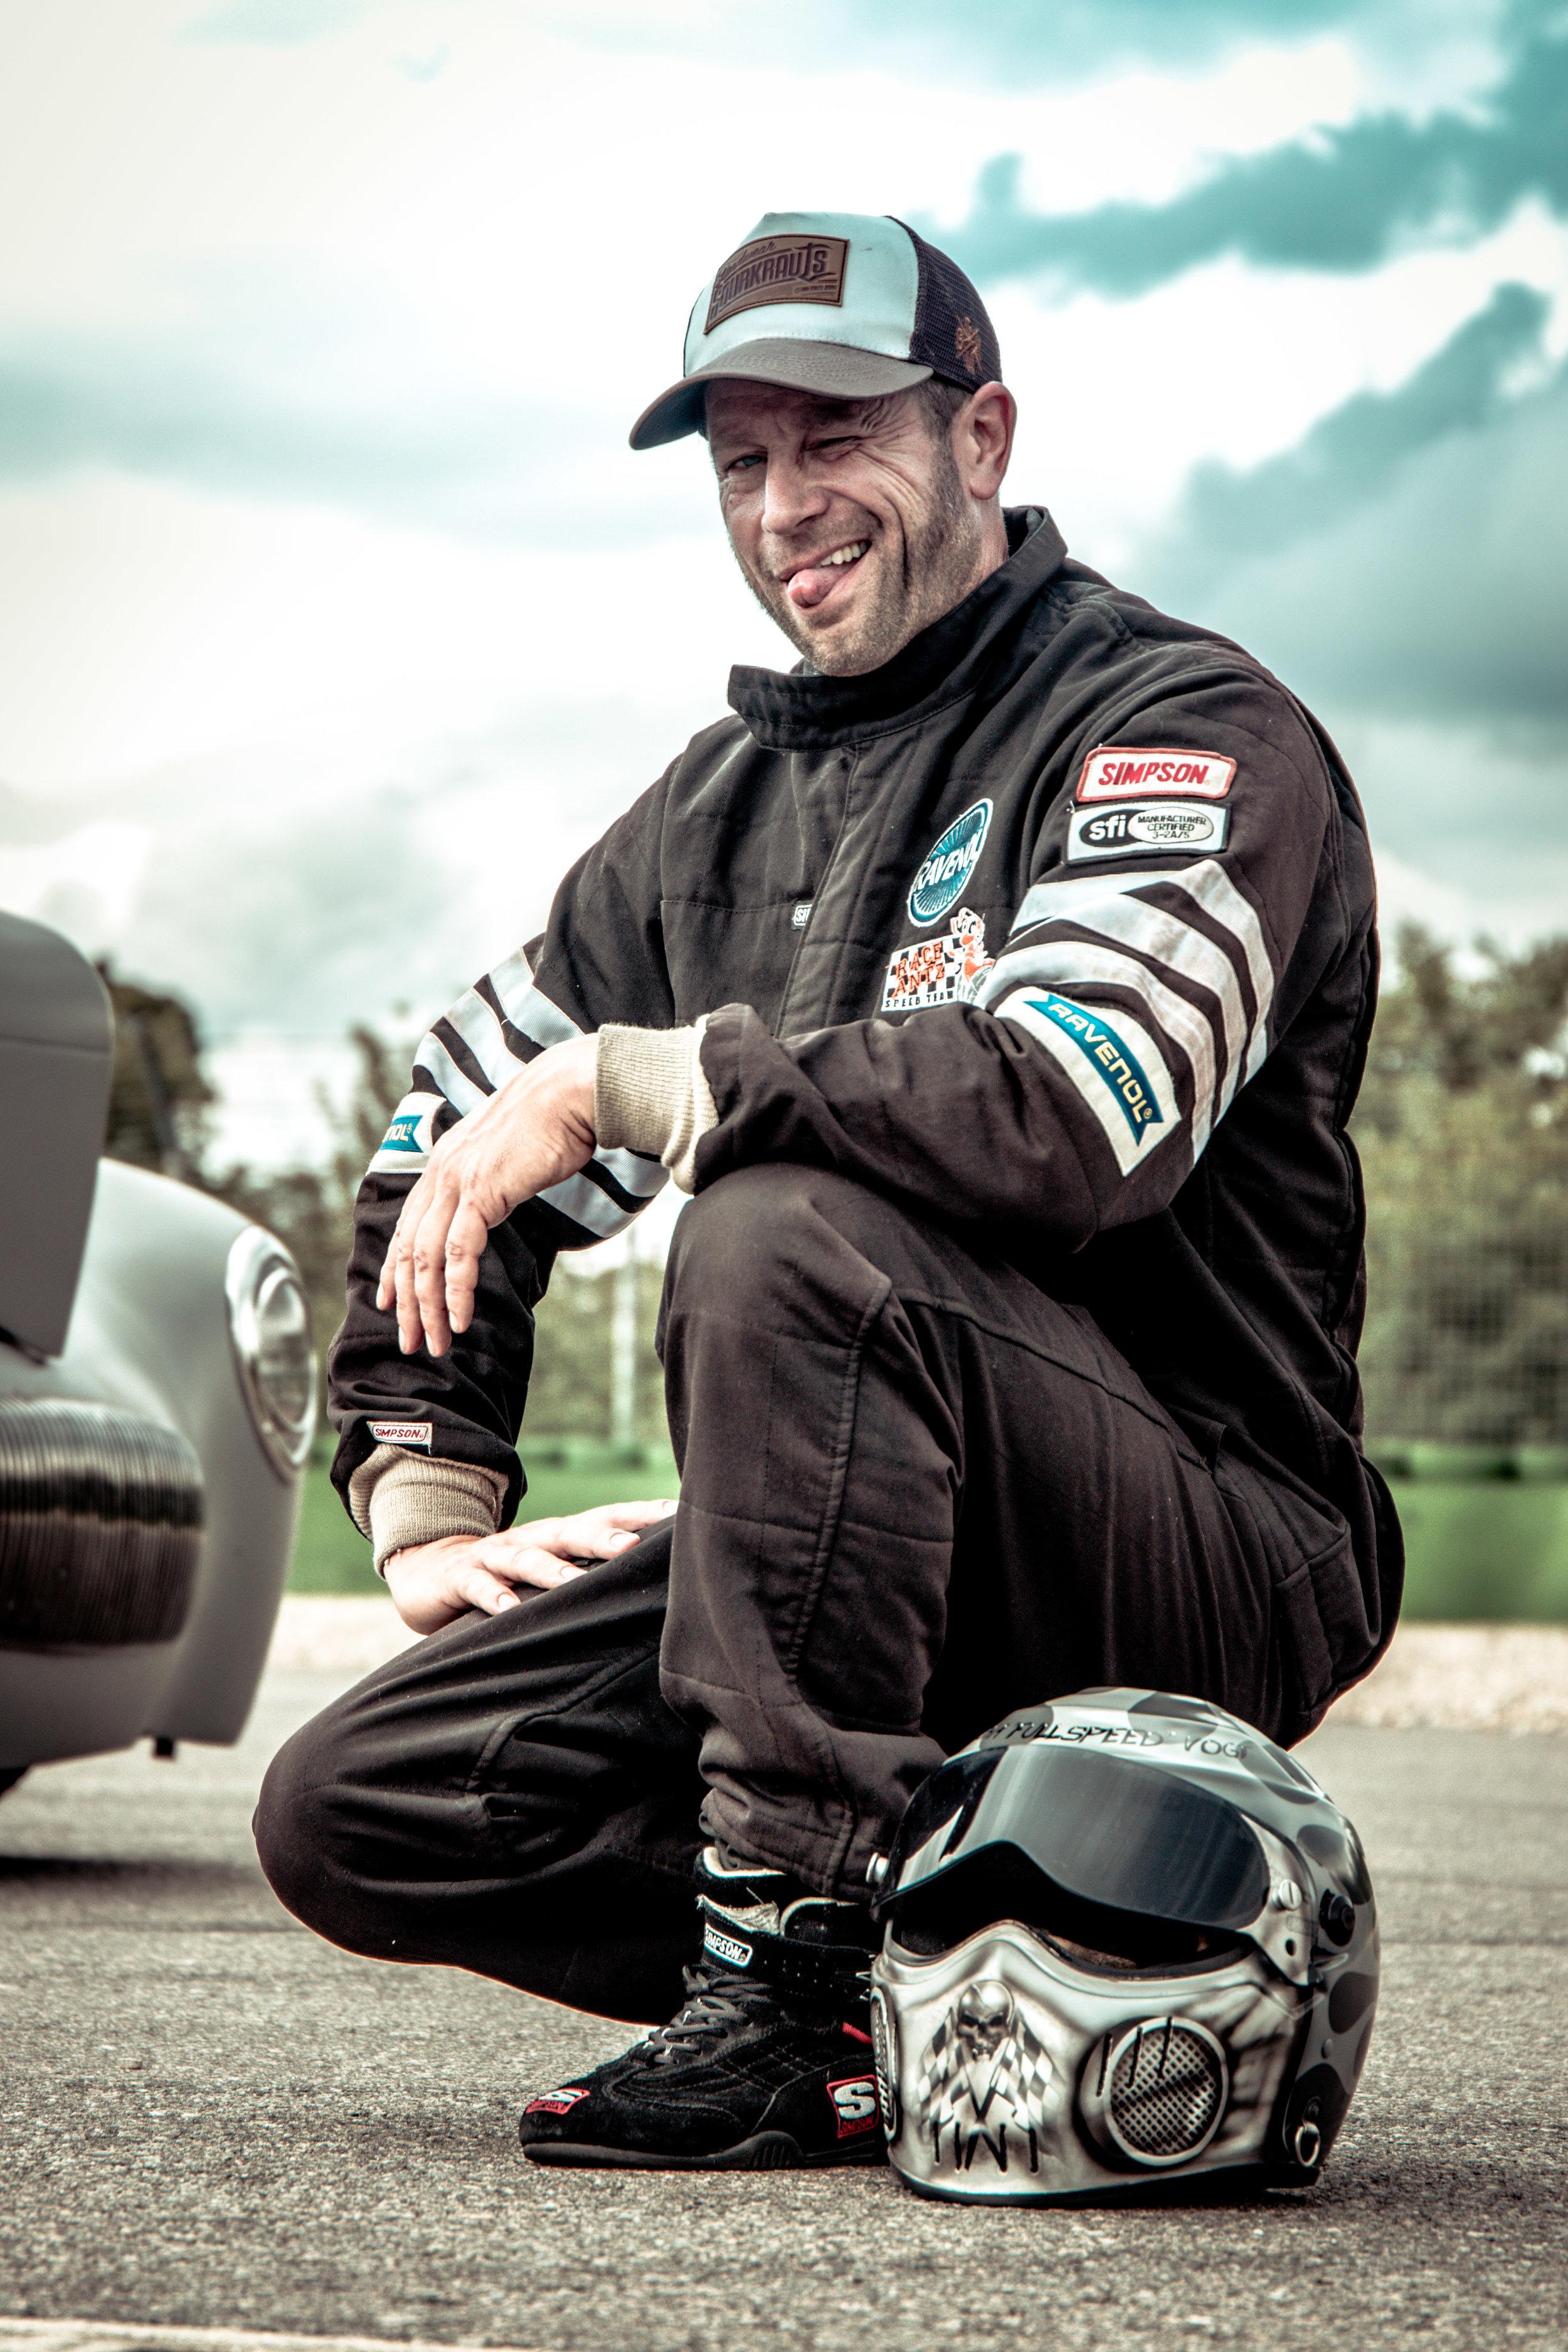 Race Antz Willys 2017 by Dirk Behlau-8635.jpg